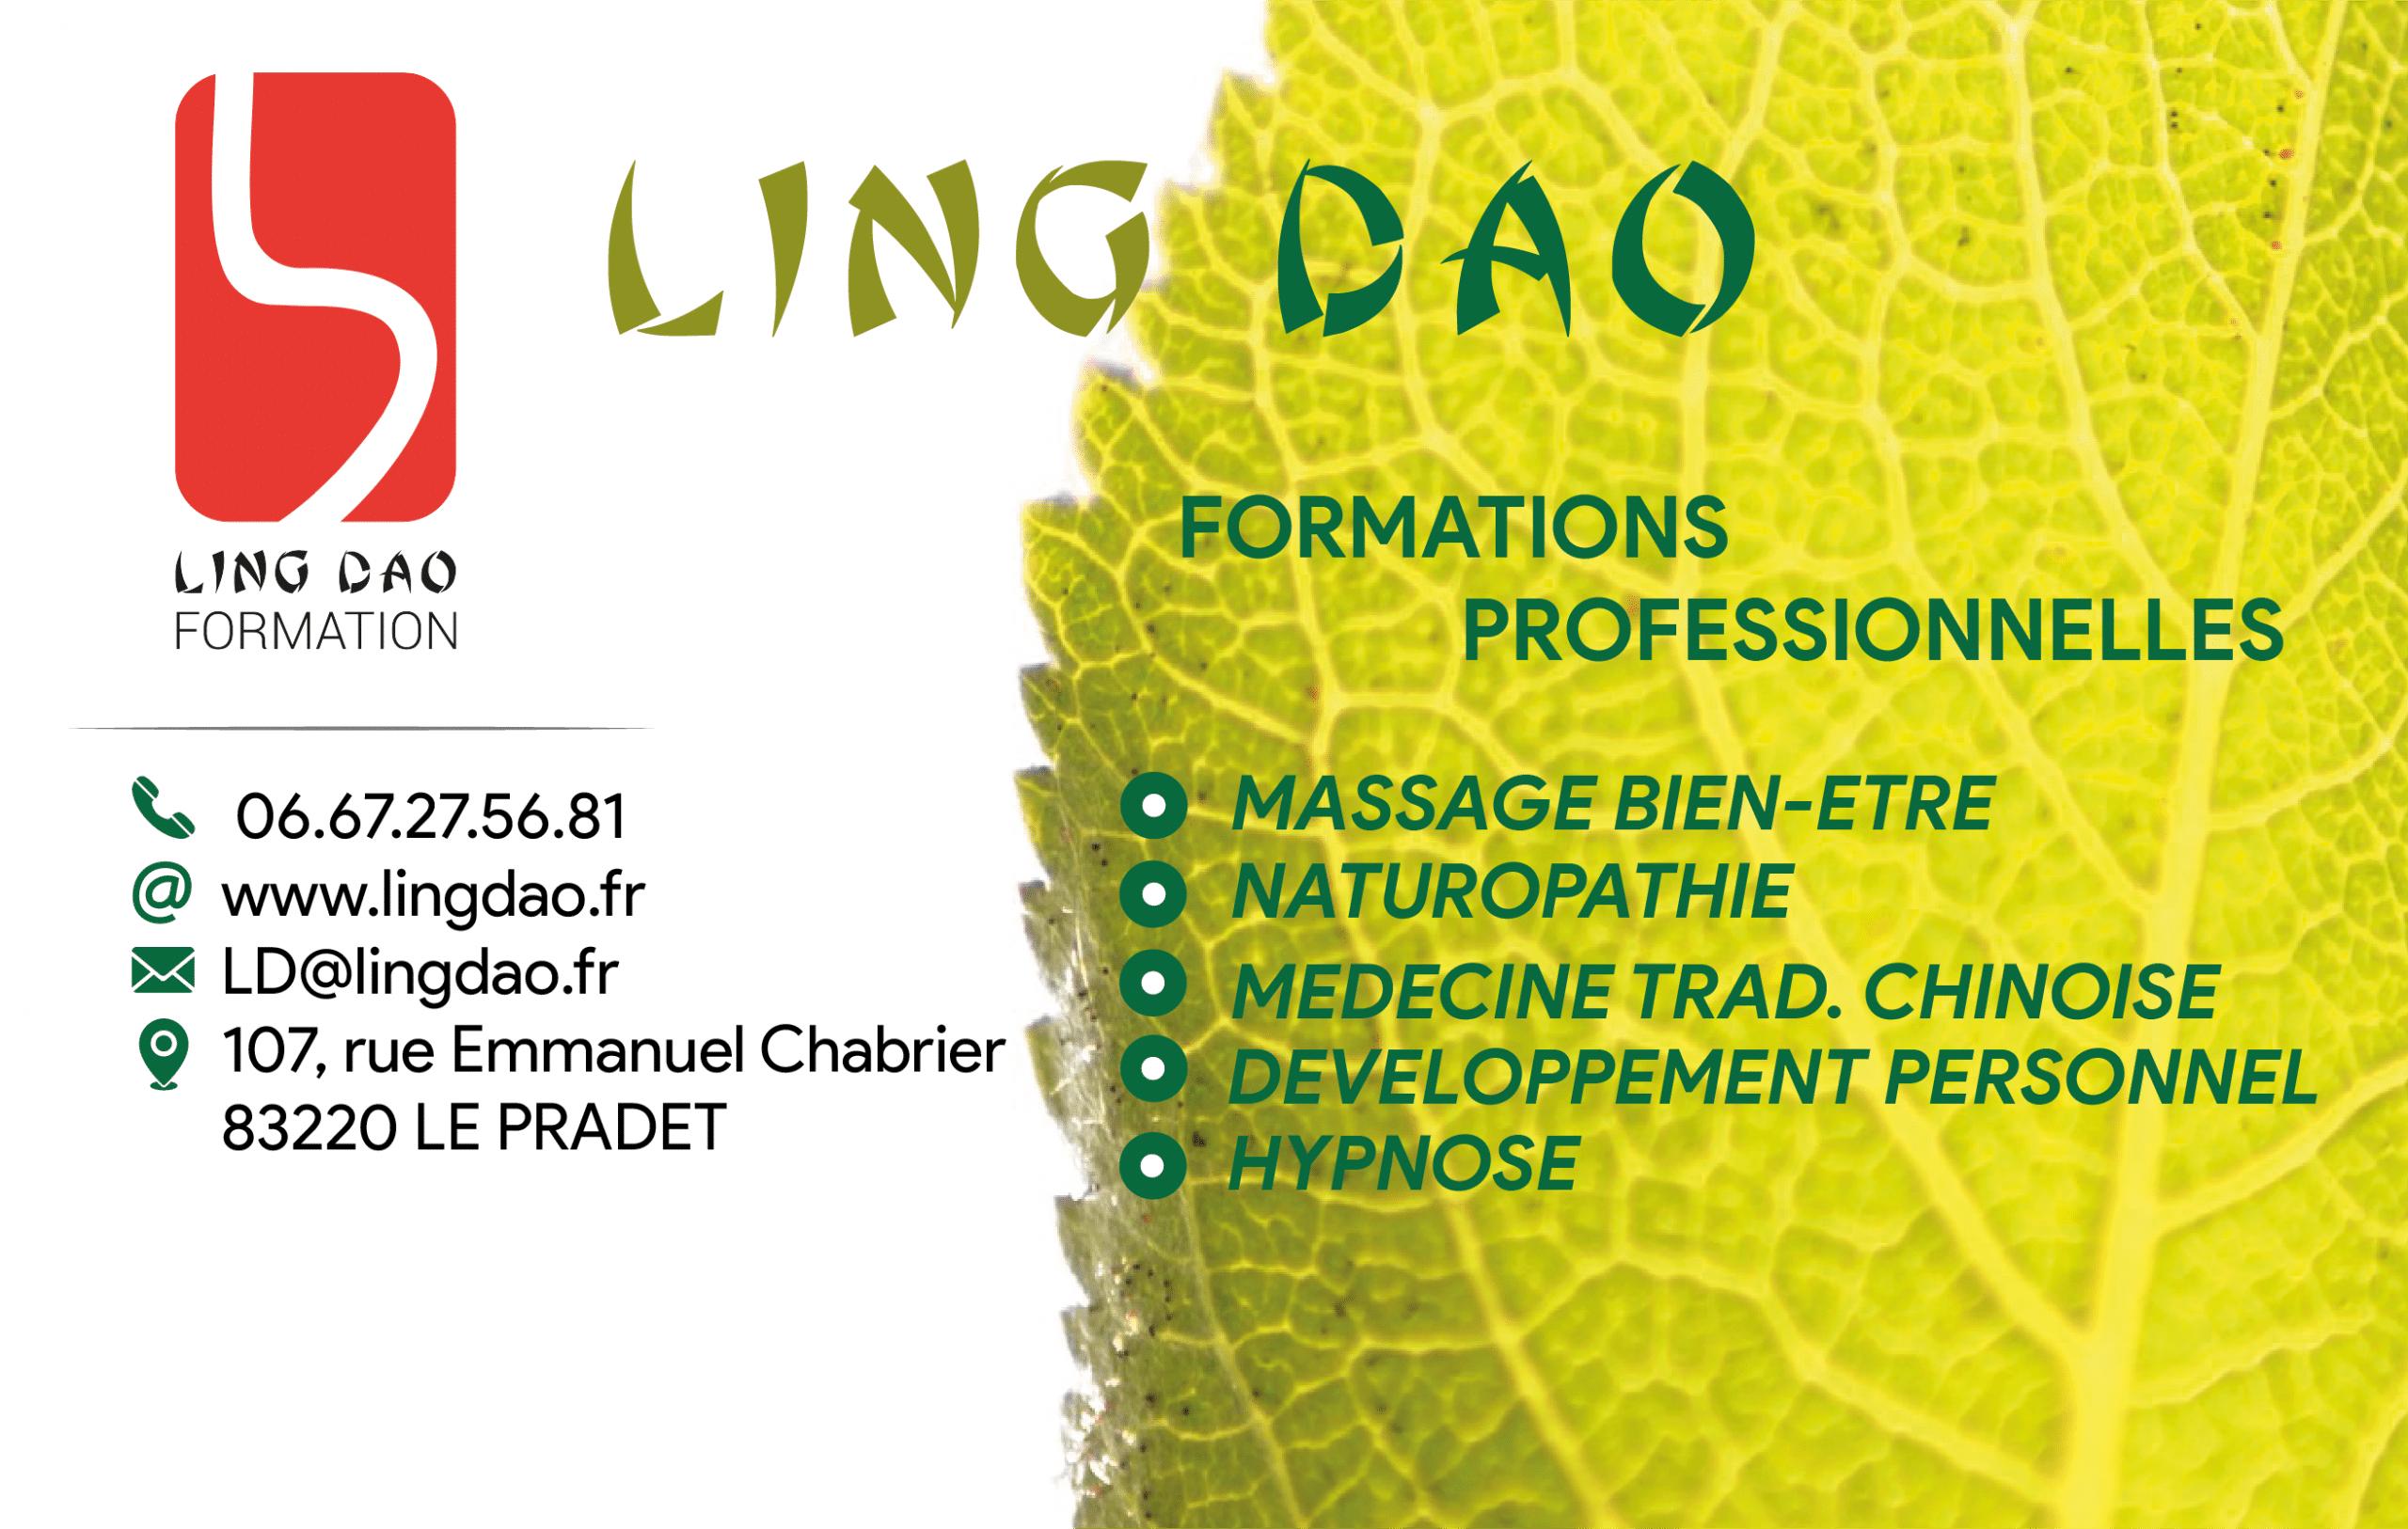 Vistaprint-essaie-carte-de-visite-lingdao_OK-01-01